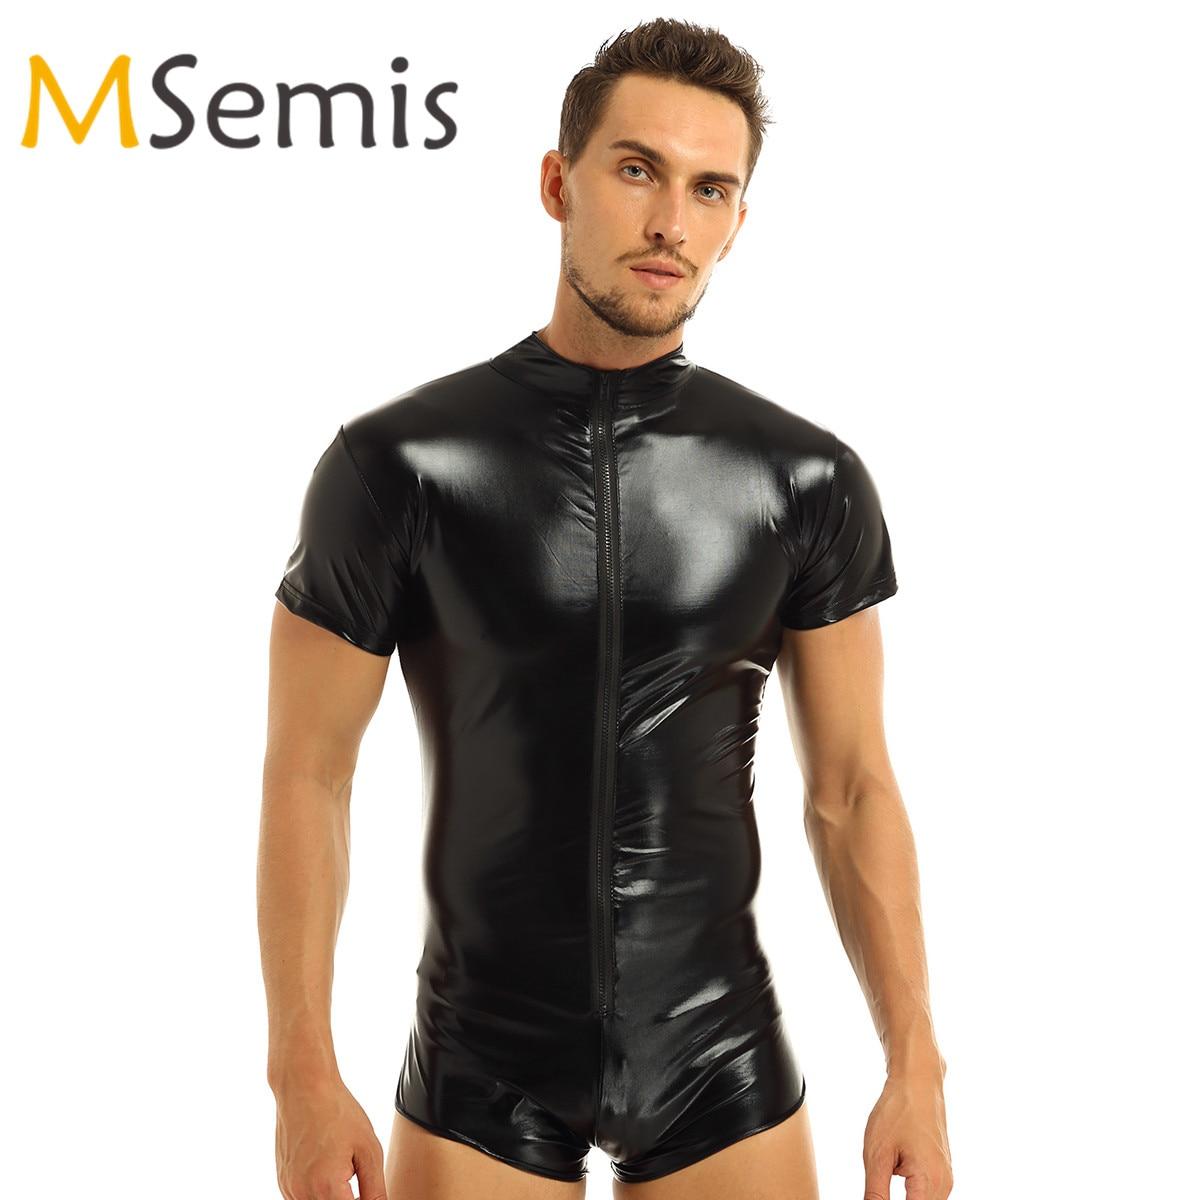 Collant lingerie, roupa de banho de couro para homens, macacão collant, brilhante, body, roupa de banho, ginástica, traje de natação